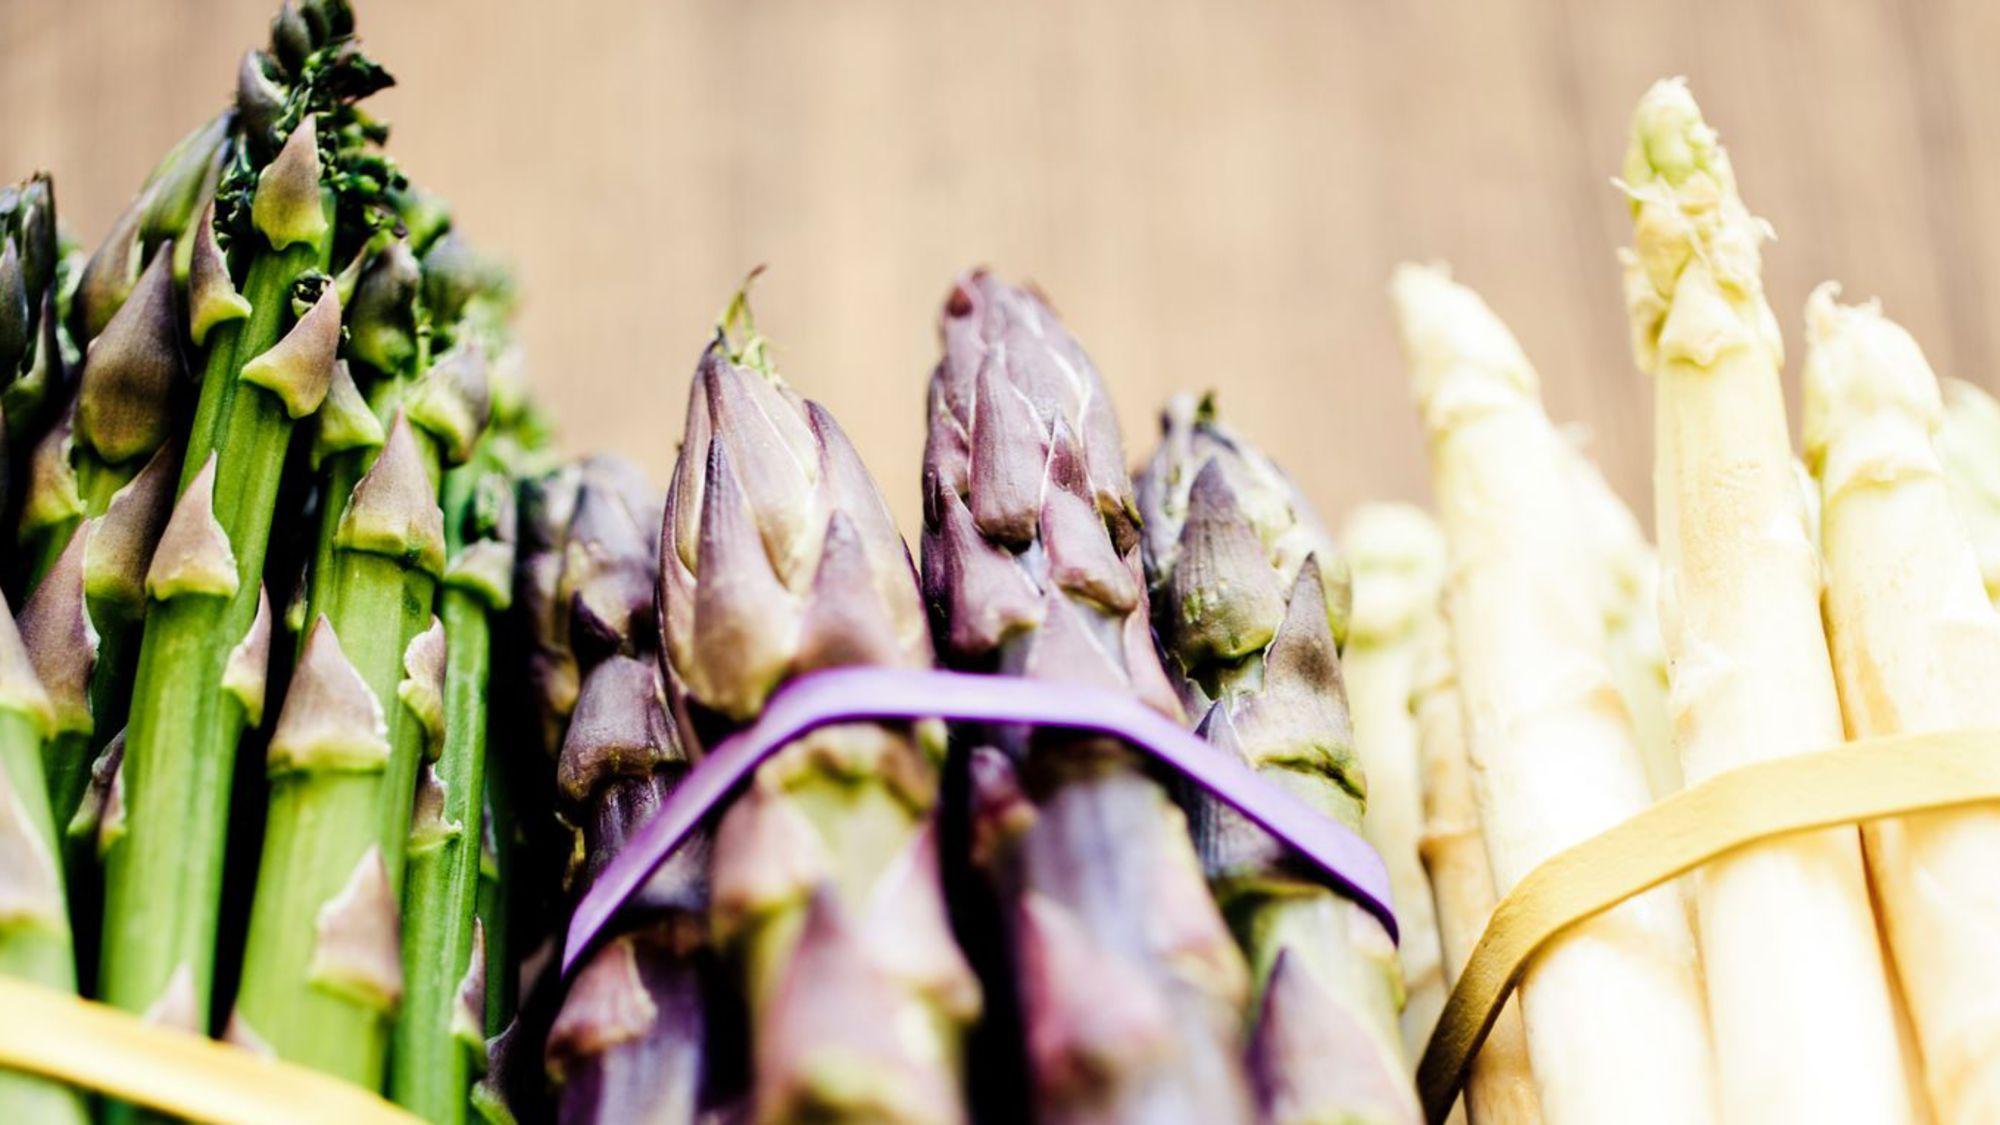 Les trois grandes variétés d'asperges: vertes, violettes et blanches.